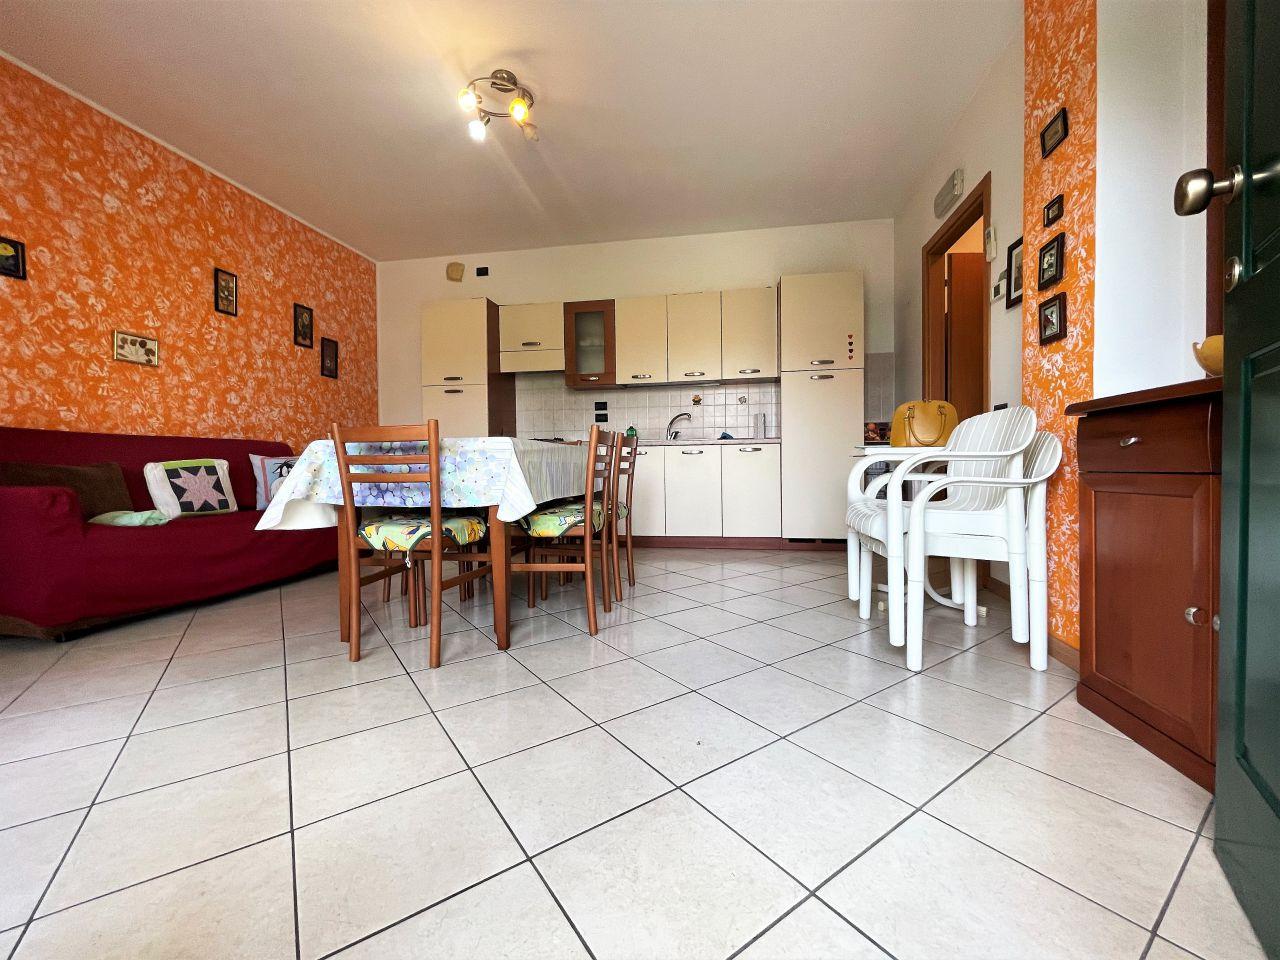 Soluzione Indipendente in affitto a Abano Terme, 2 locali, prezzo € 550 | CambioCasa.it